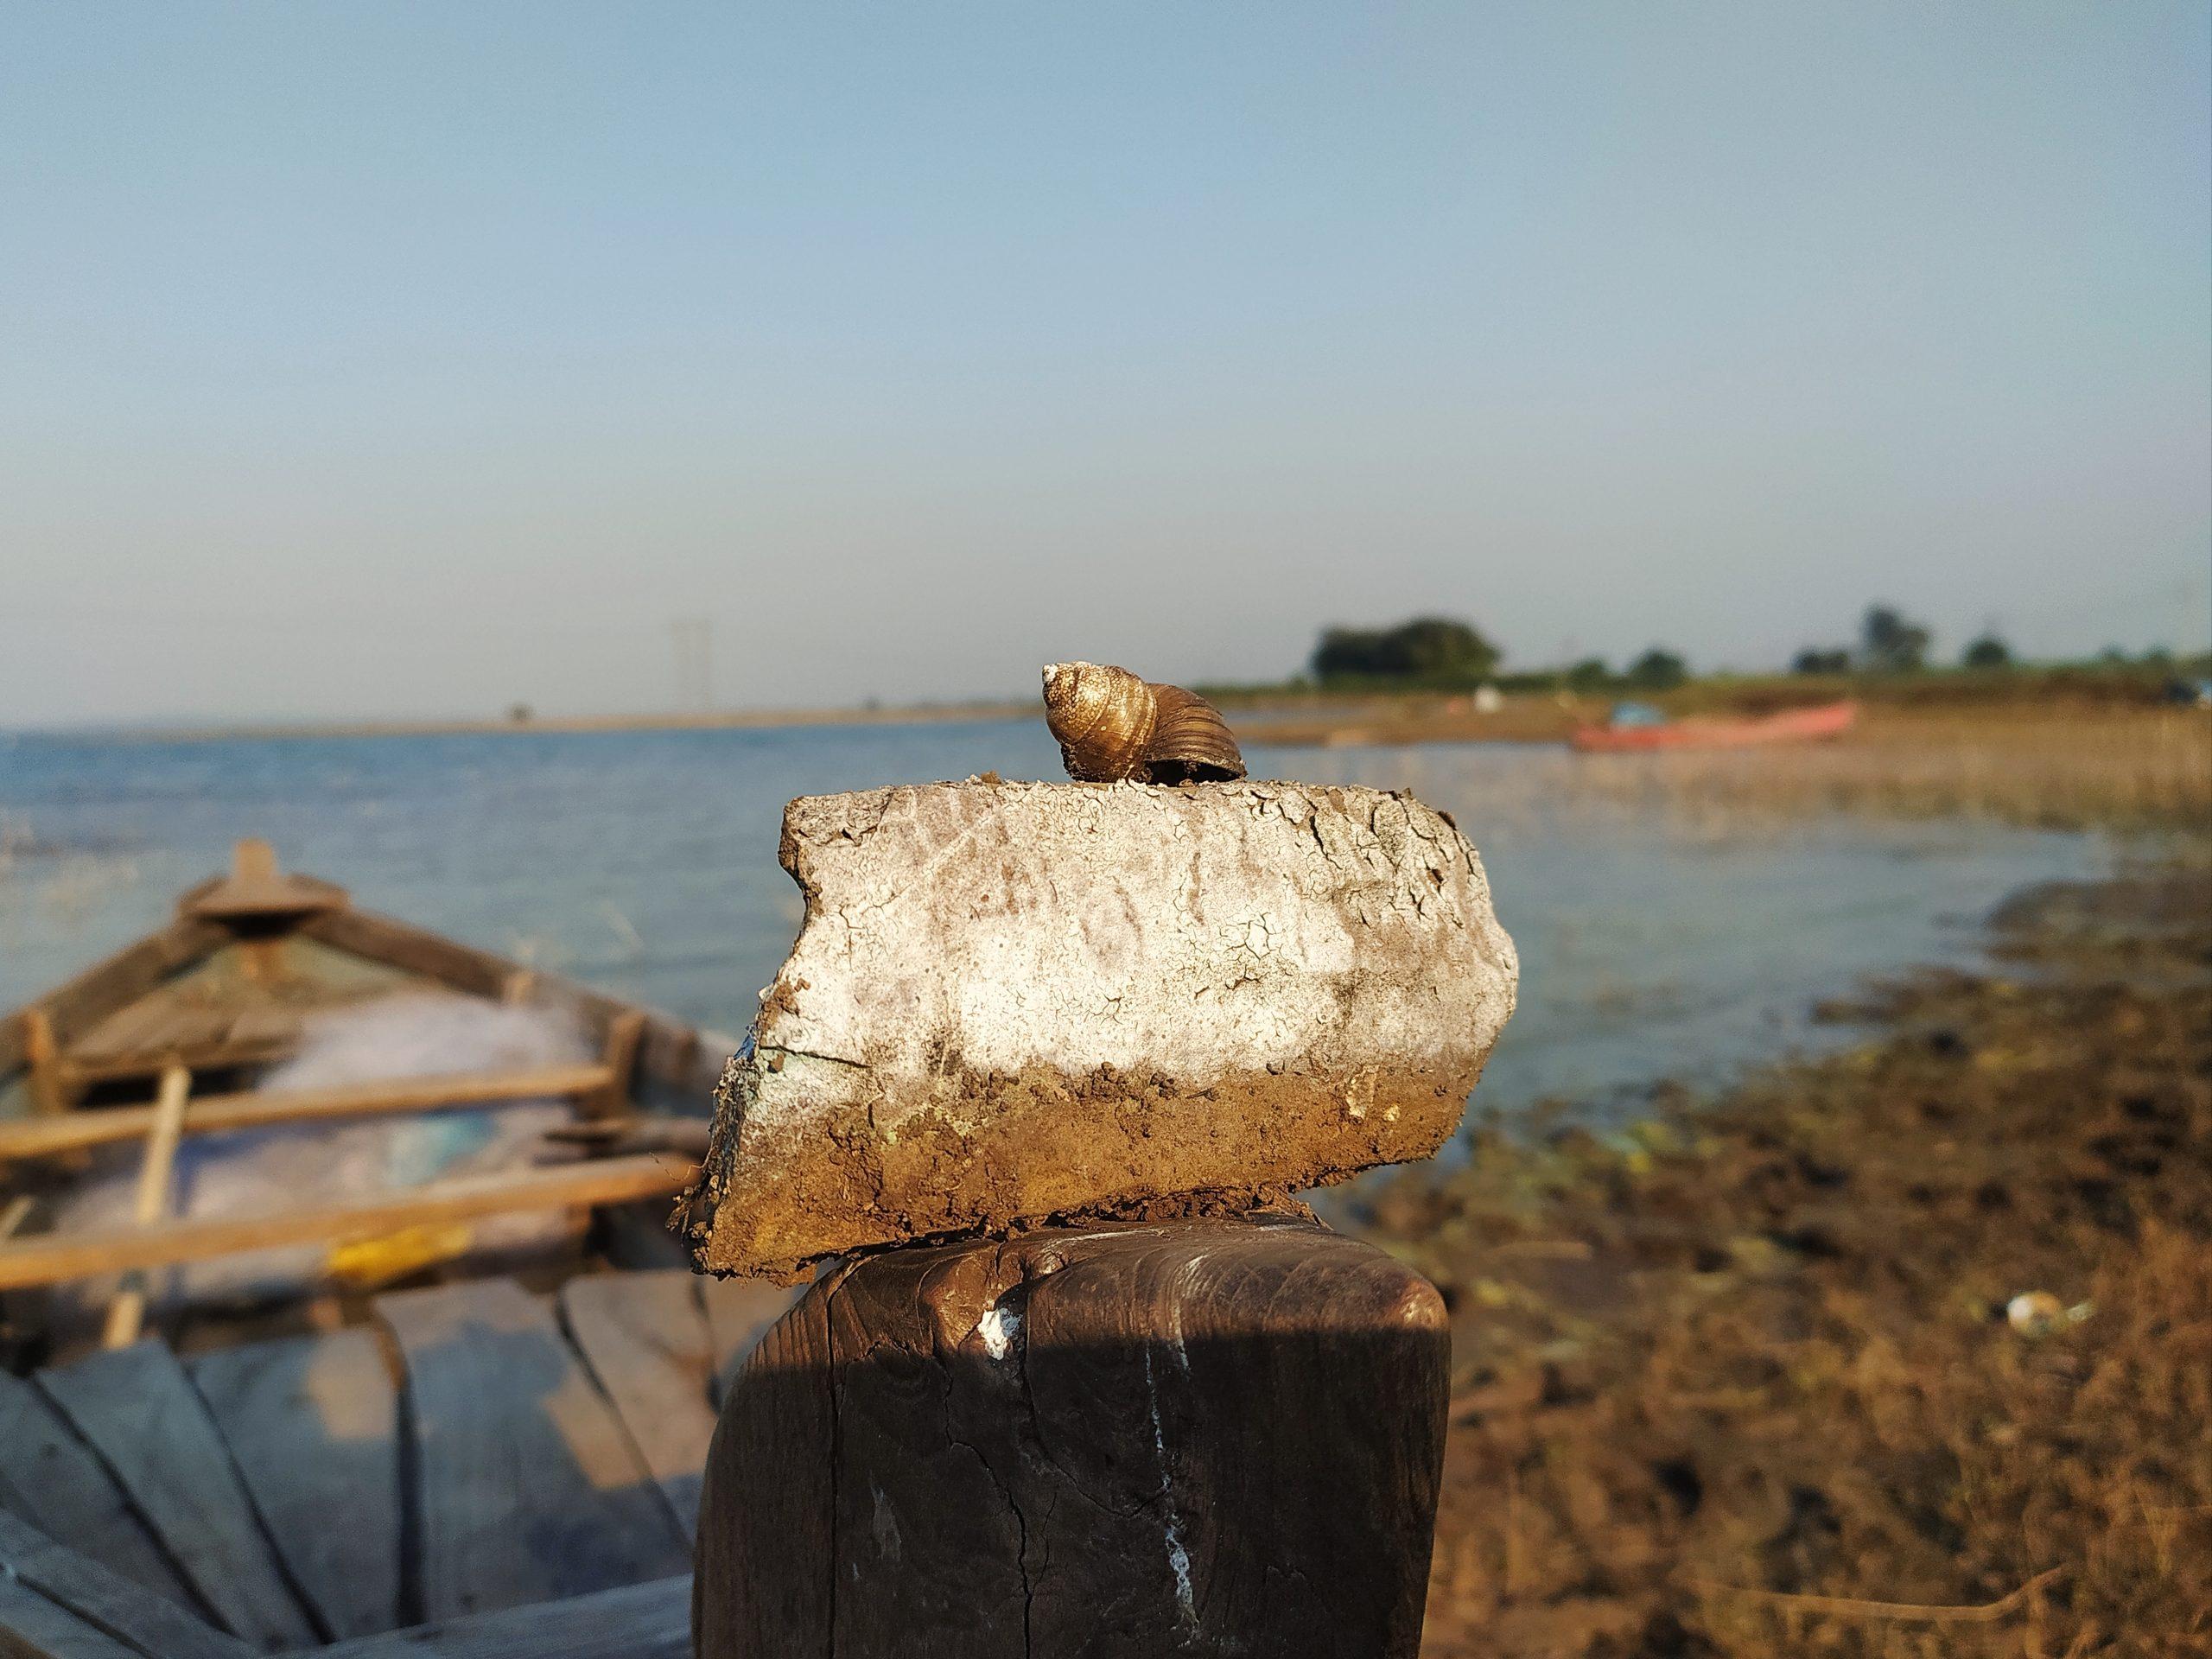 A sea shell on a stone